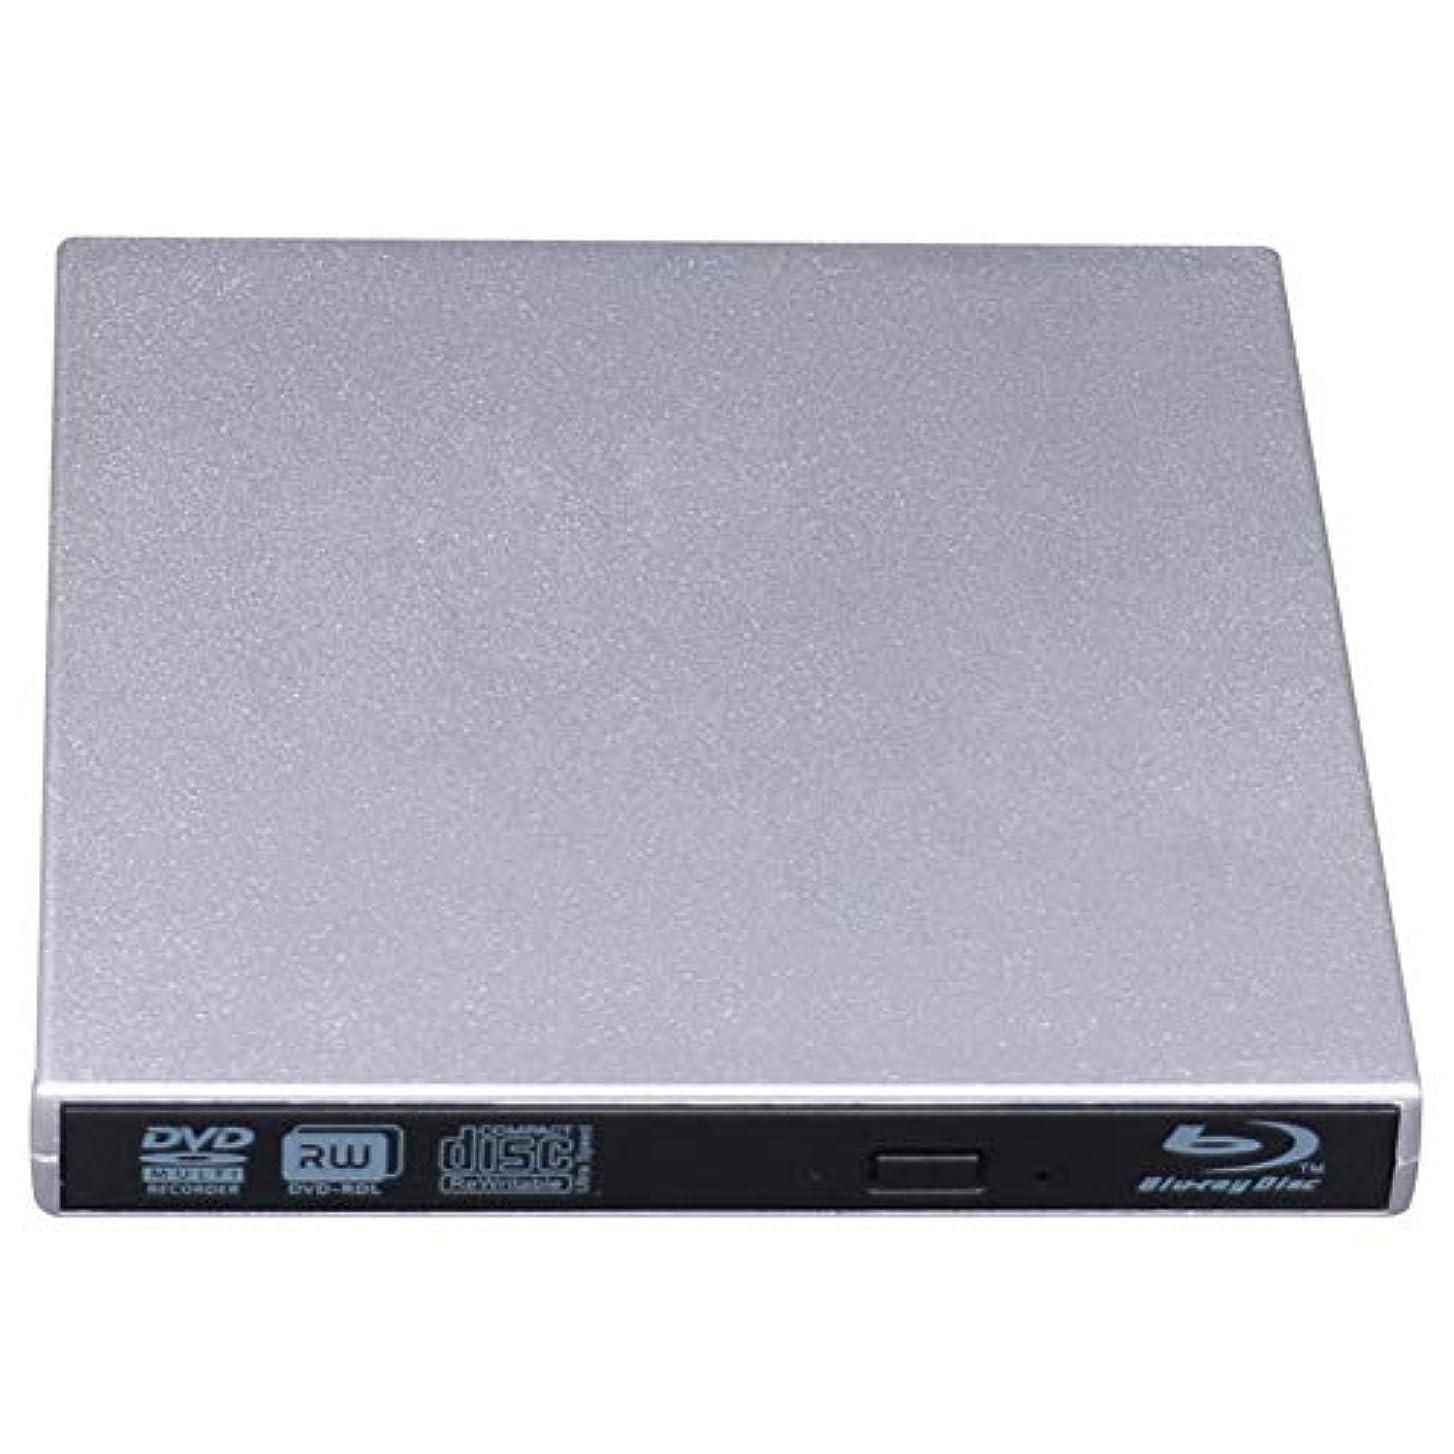 ダイジェスト小さな食事外部6XブルーレイCD / DVD RWブルーレイバーナー、DVDバーナーUSBノートPC用3.0 PortatilブルーレイプレーヤードライブDVDプレイヤーオプティカルドライブ,3